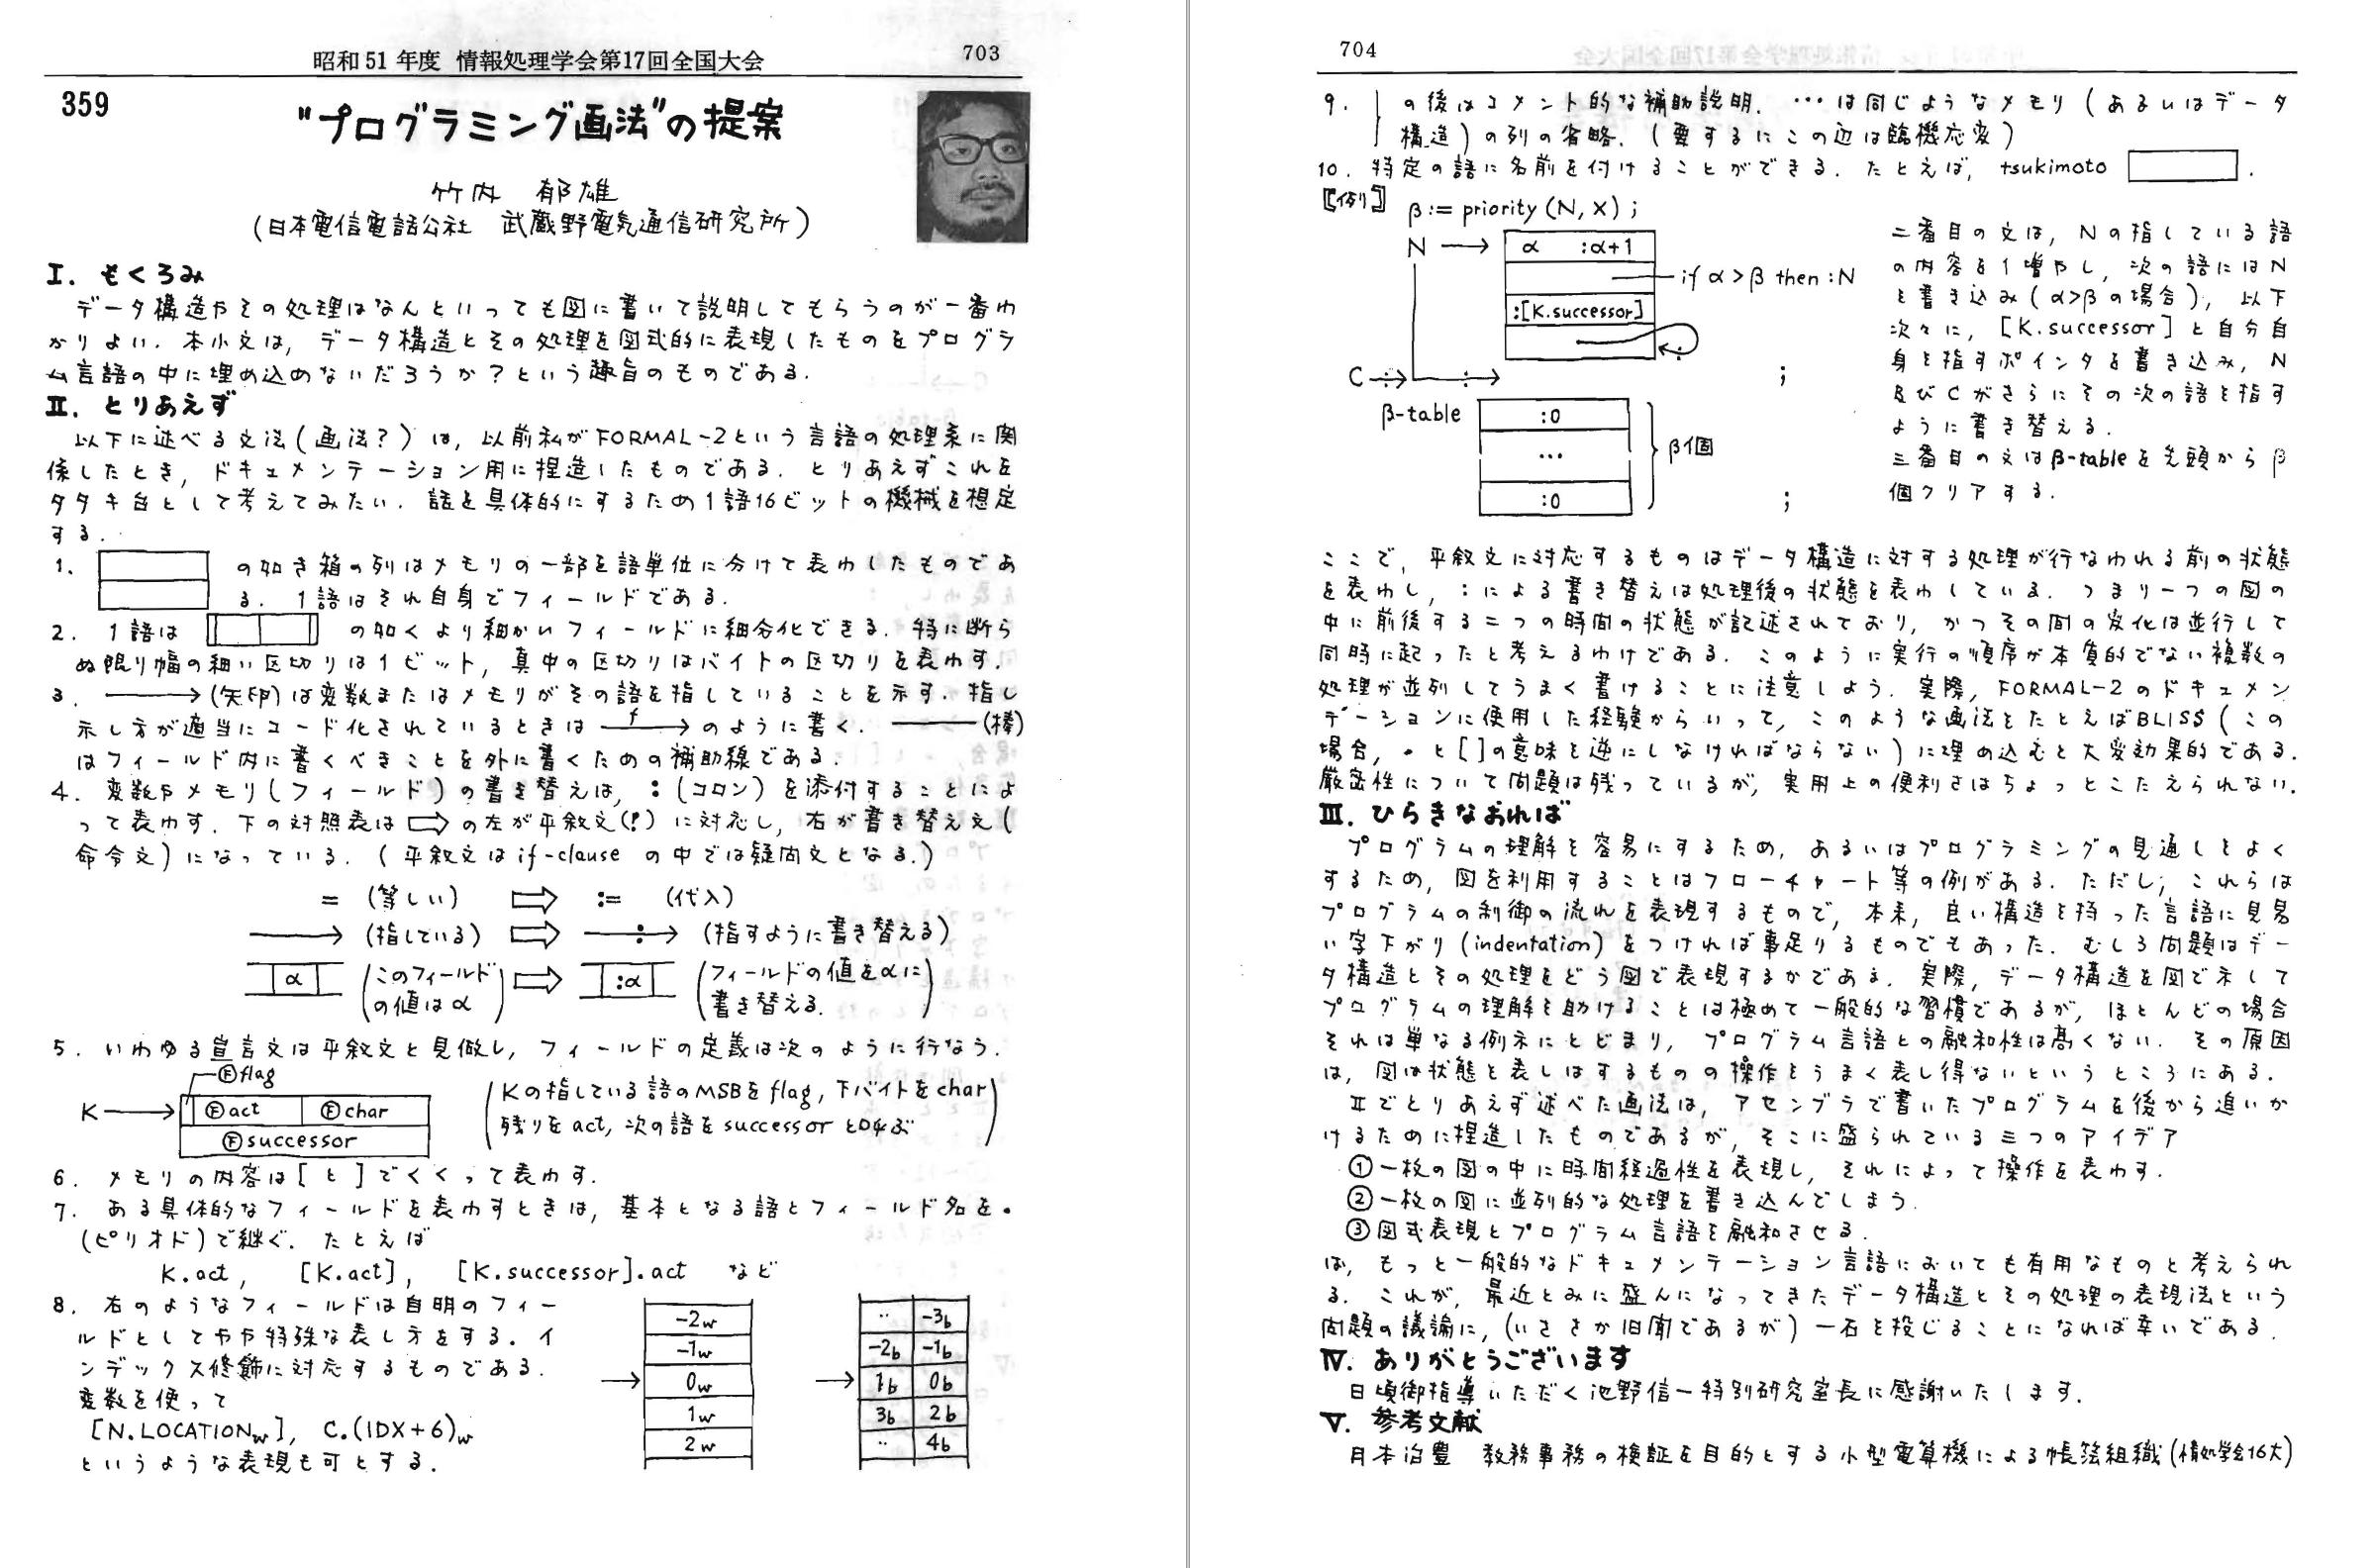 http://cybozushiki.cybozu.co.jp/hw035_fig03_x2400.png